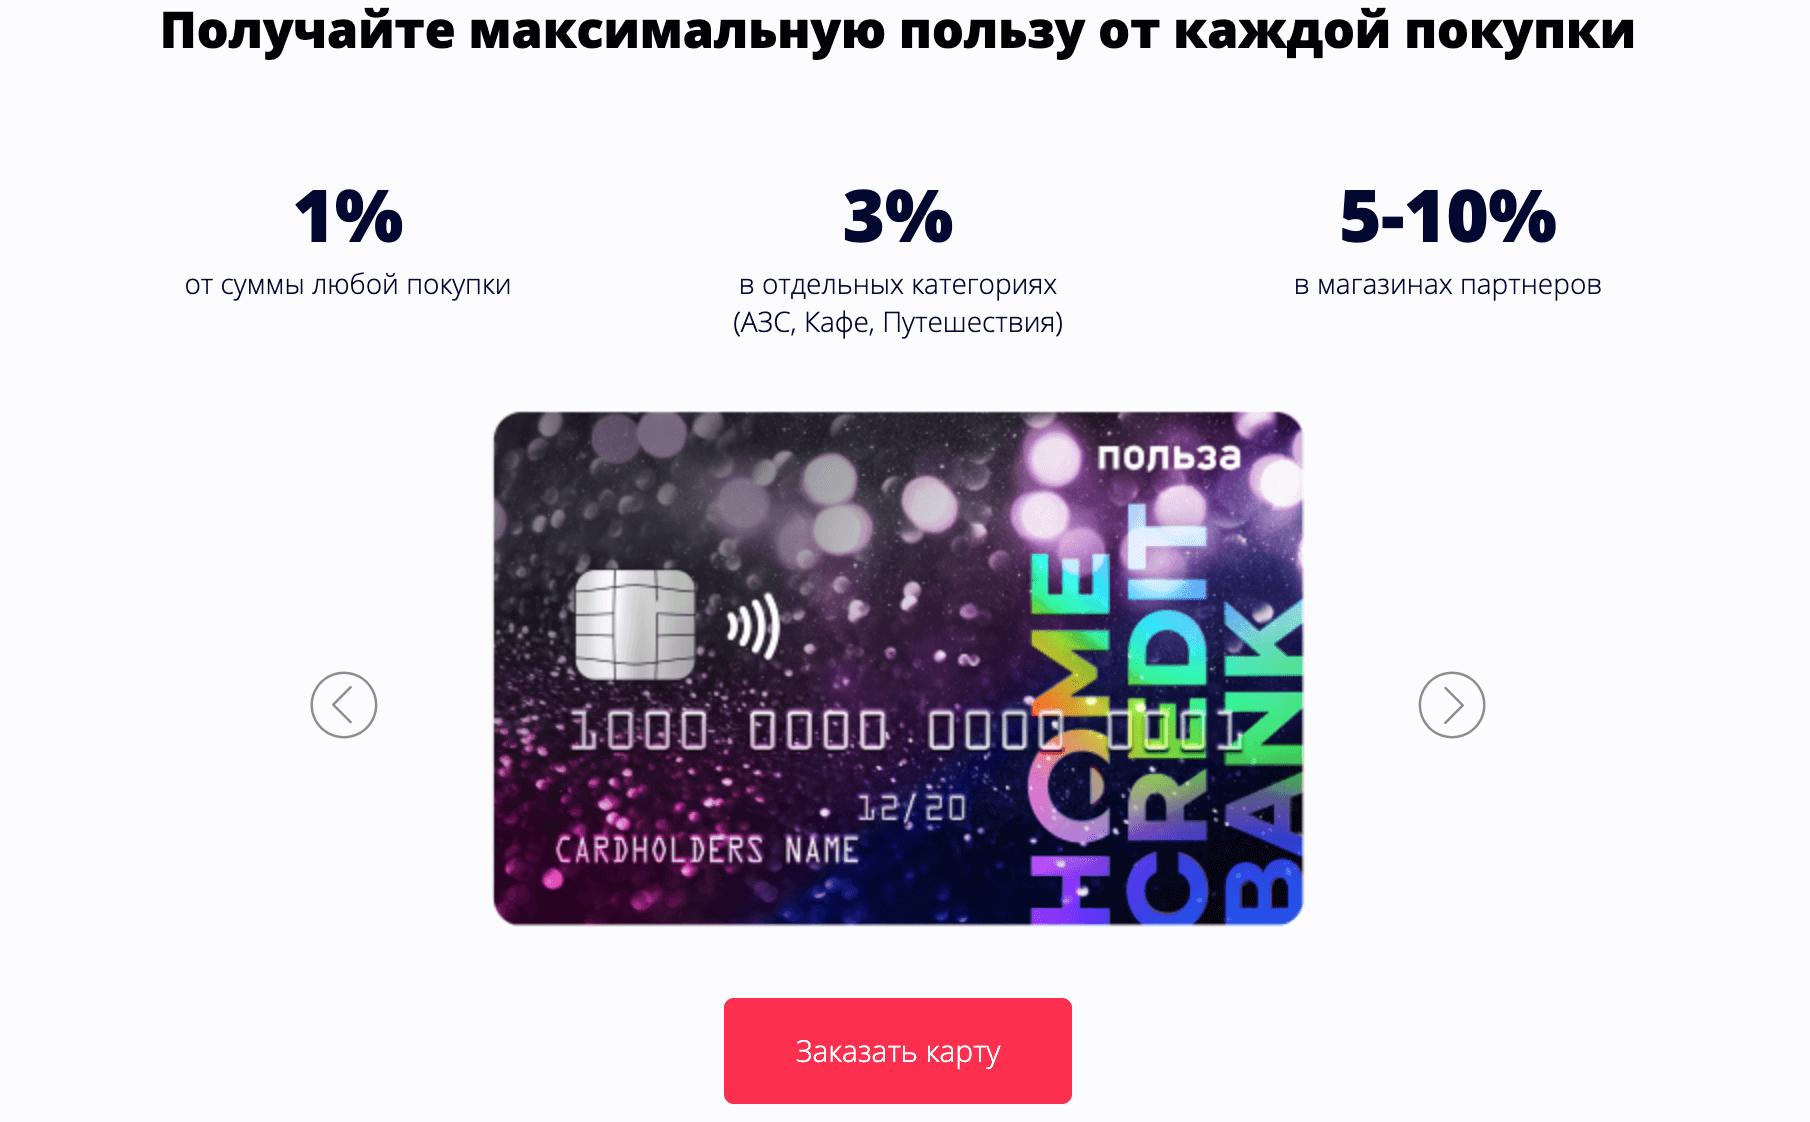 Альфа банк дебетовая карта с кэшбэком на азс